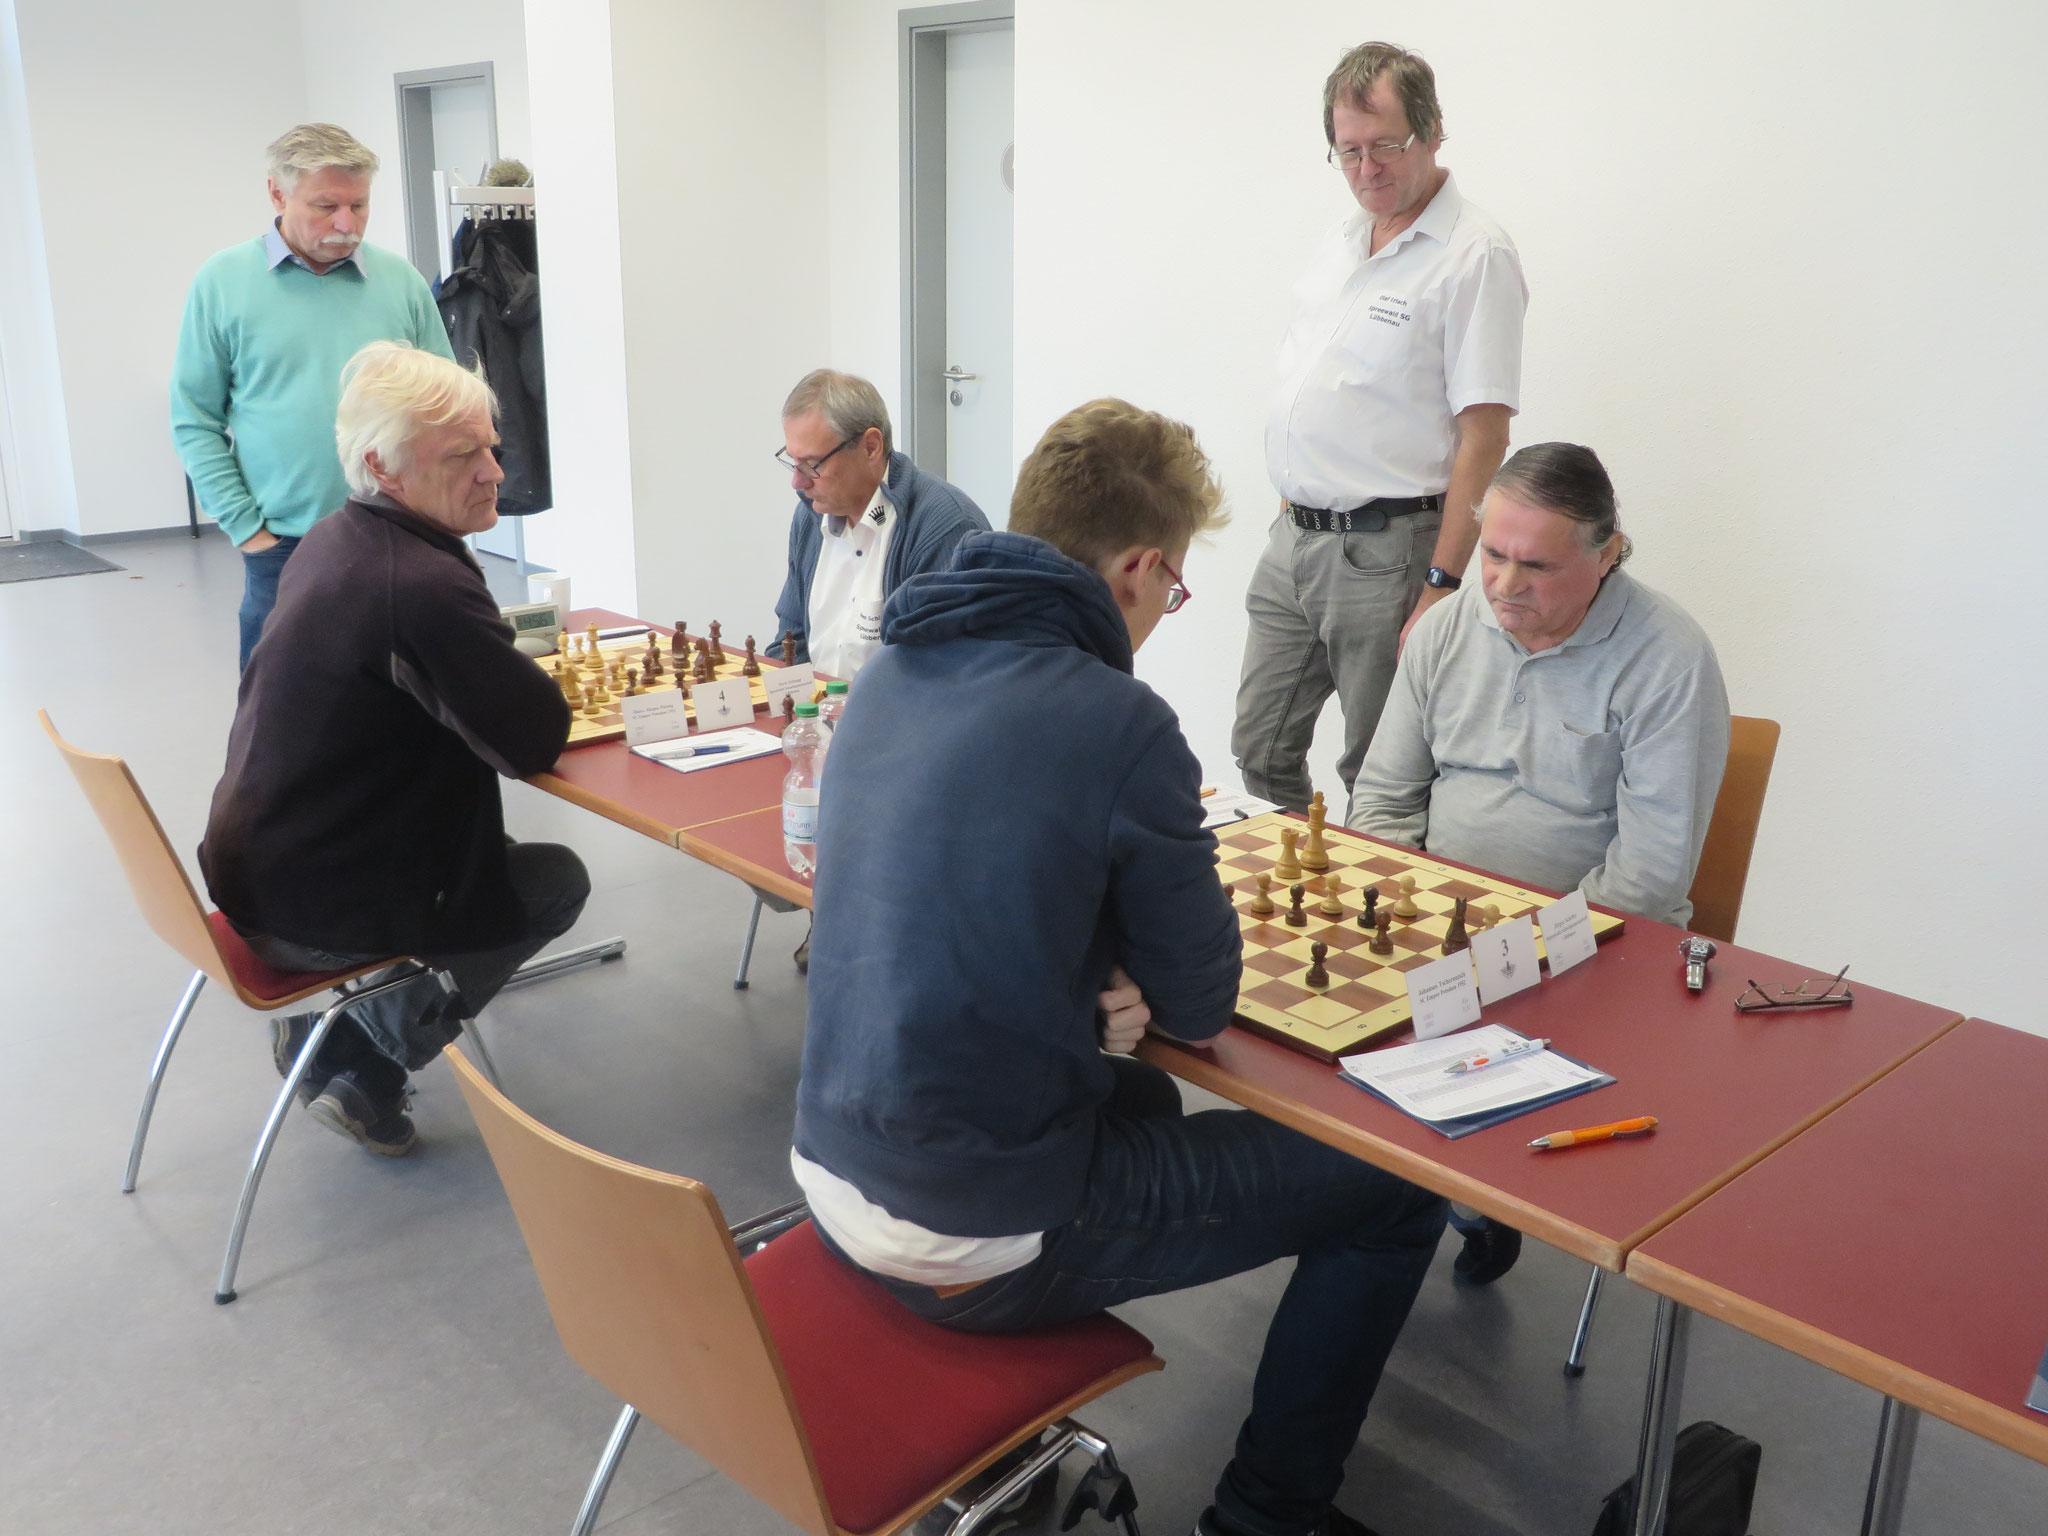 Olaf und Helmut sind schon fertig und gucken sich die noch laufenden anderen beiden Partien an Brett 3 und 4 an